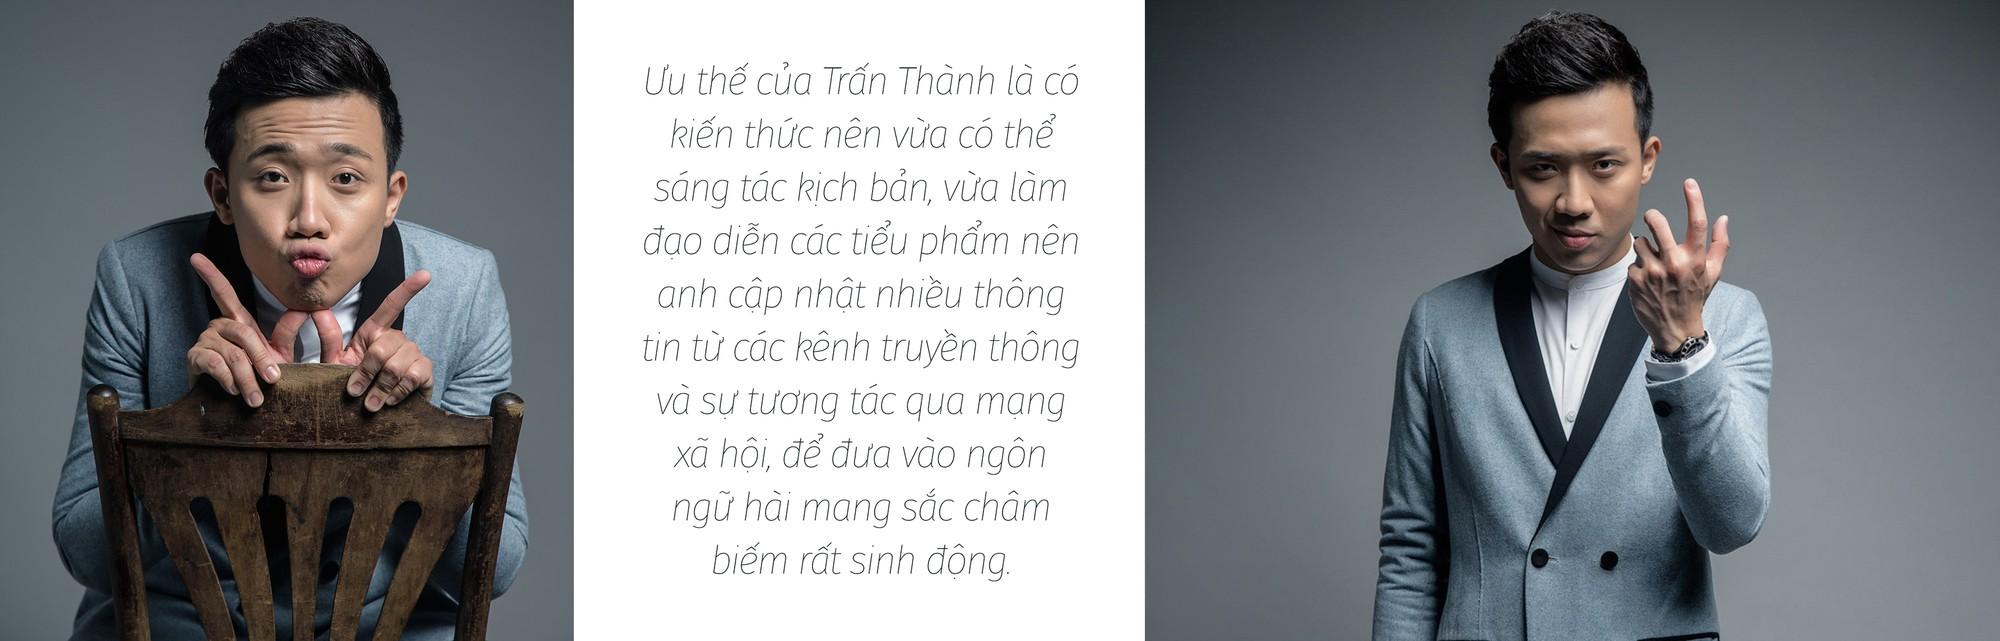 [eMagazine] - Trấn Thành: Nỗ lực không ngừng để được tin yêu - Ảnh 9.